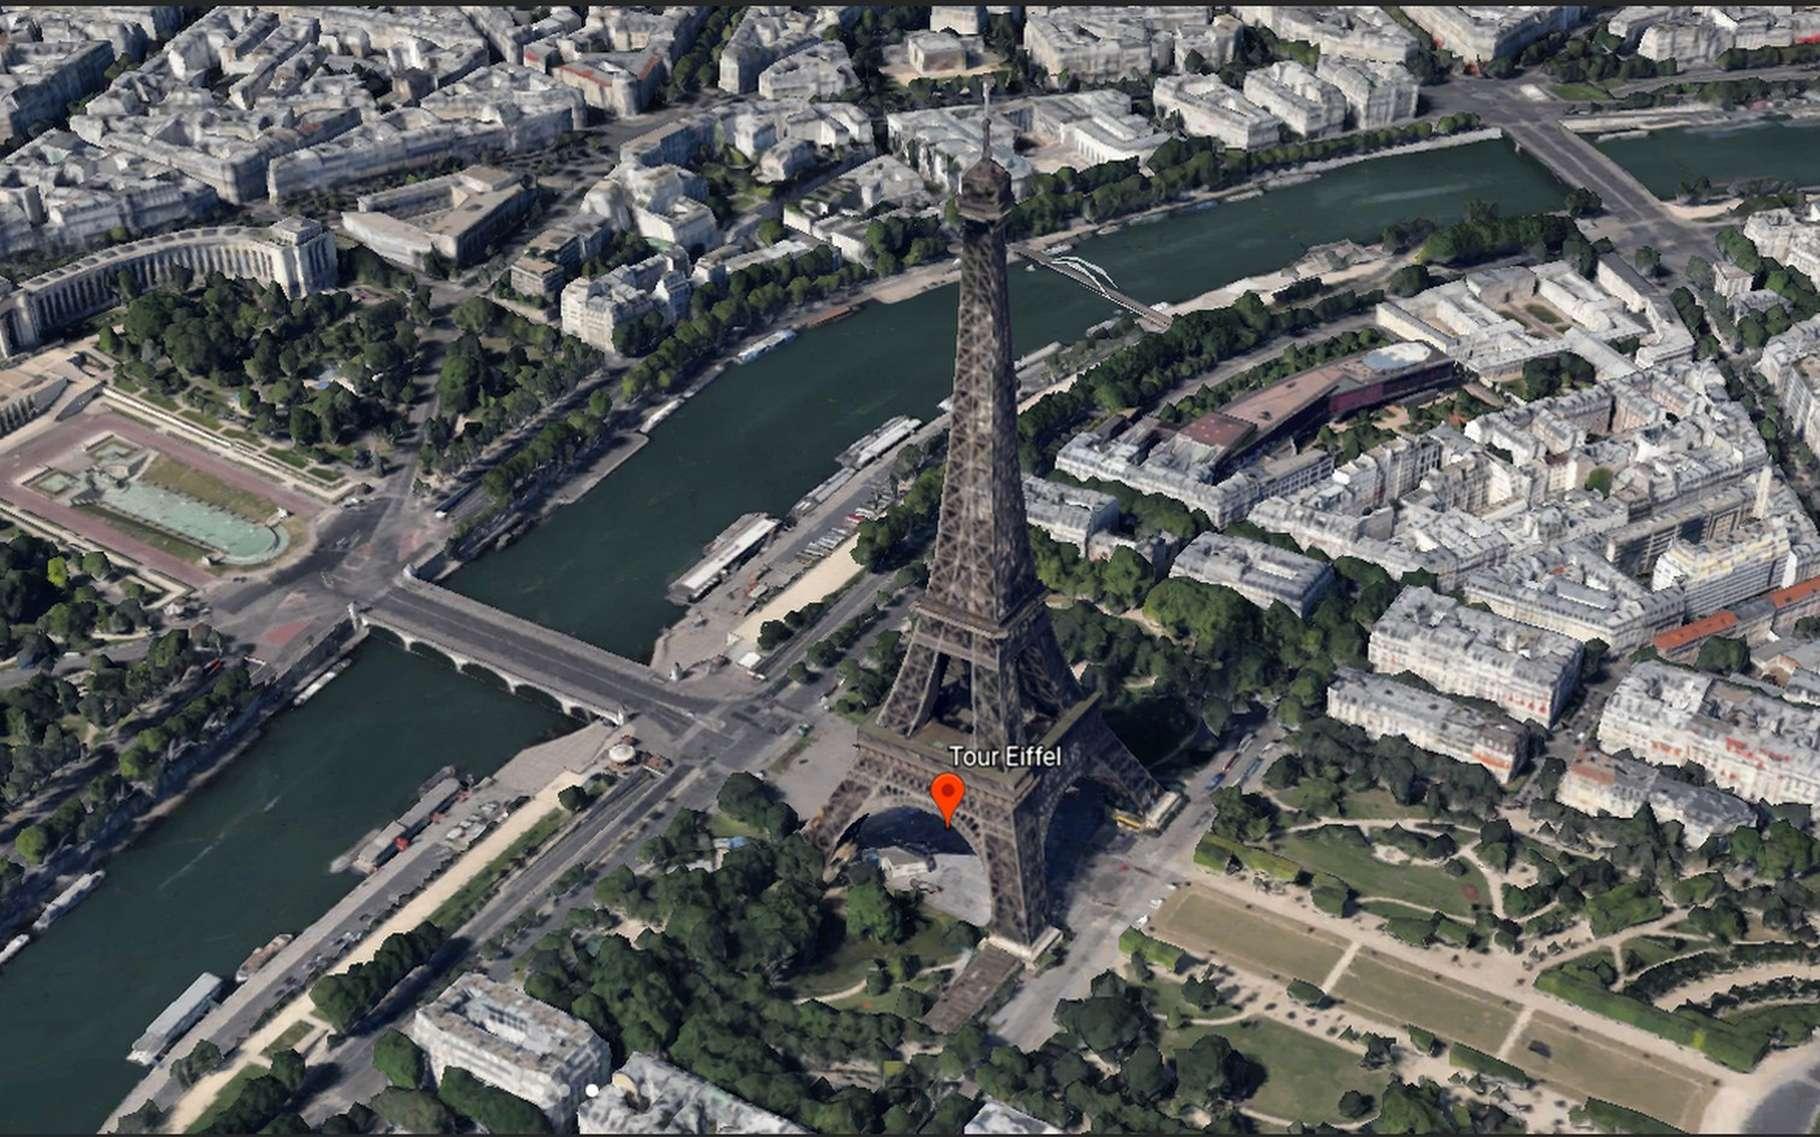 La nouvelle version de Google Earth offre un mode de visualisation en trois dimensions qui permet d'admirer un site ou un bâtiment sous plusieurs angles. © Google